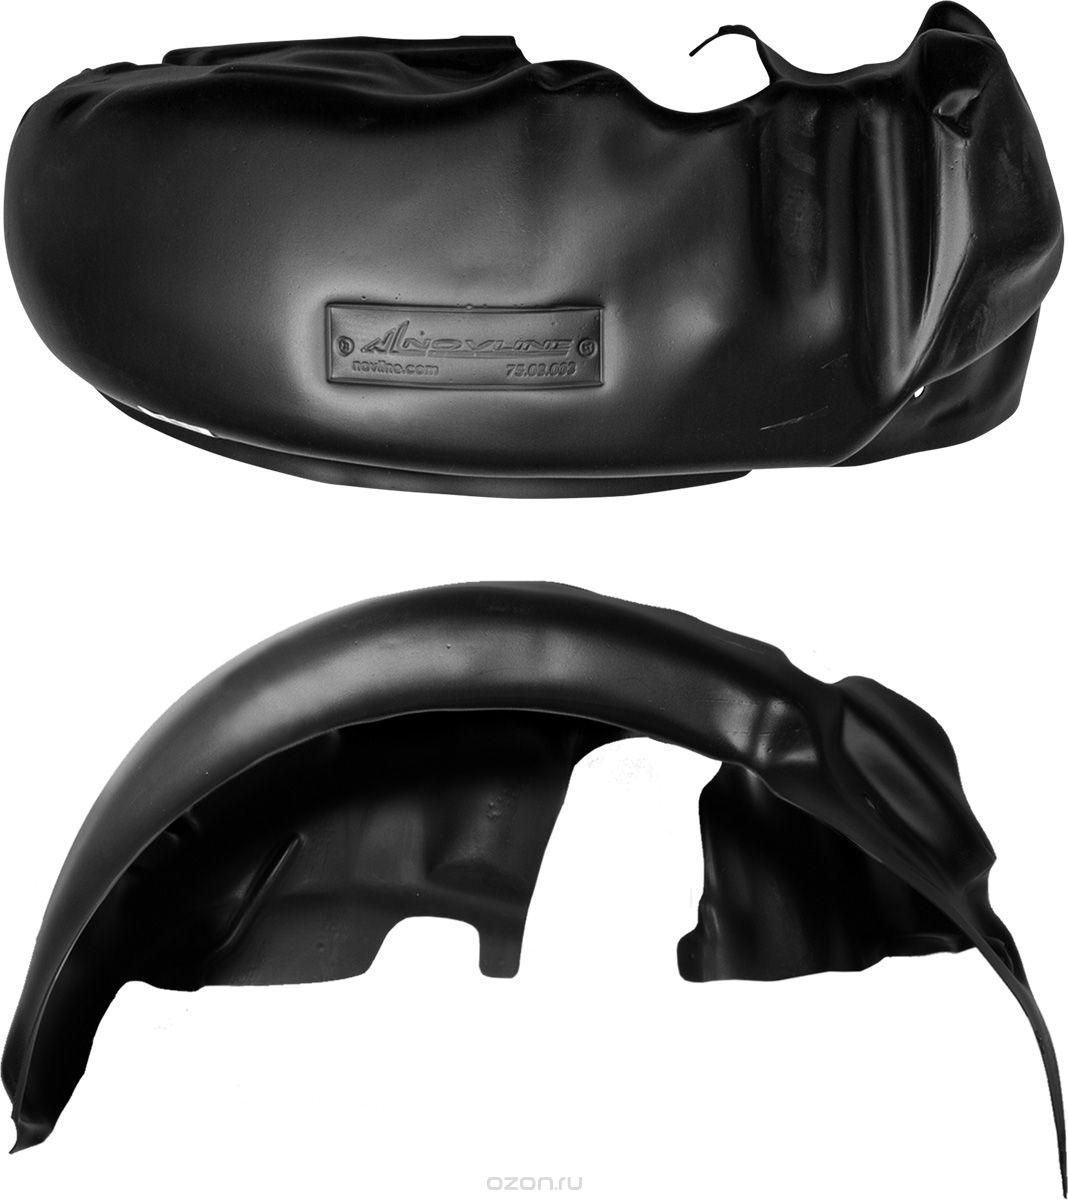 Подкрылок Novline-Autofamily, для Chery Tiggo FL, 2013->, задний правыйNLL.77.07.004Идеальная защита колесной ниши. Локеры разработаны с применением цифровых технологий, гарантируют максимальную повторяемость поверхности арки. Изделия устанавливаются без нарушения лакокрасочного покрытия автомобиля, каждый подкрылок комплектуется крепежом. Уважаемые клиенты, обращаем ваше внимание, что фотографии на подкрылки универсальные и не отражают реальную форму изделия. При этом само изделие идет точно под размер указанного автомобиля.